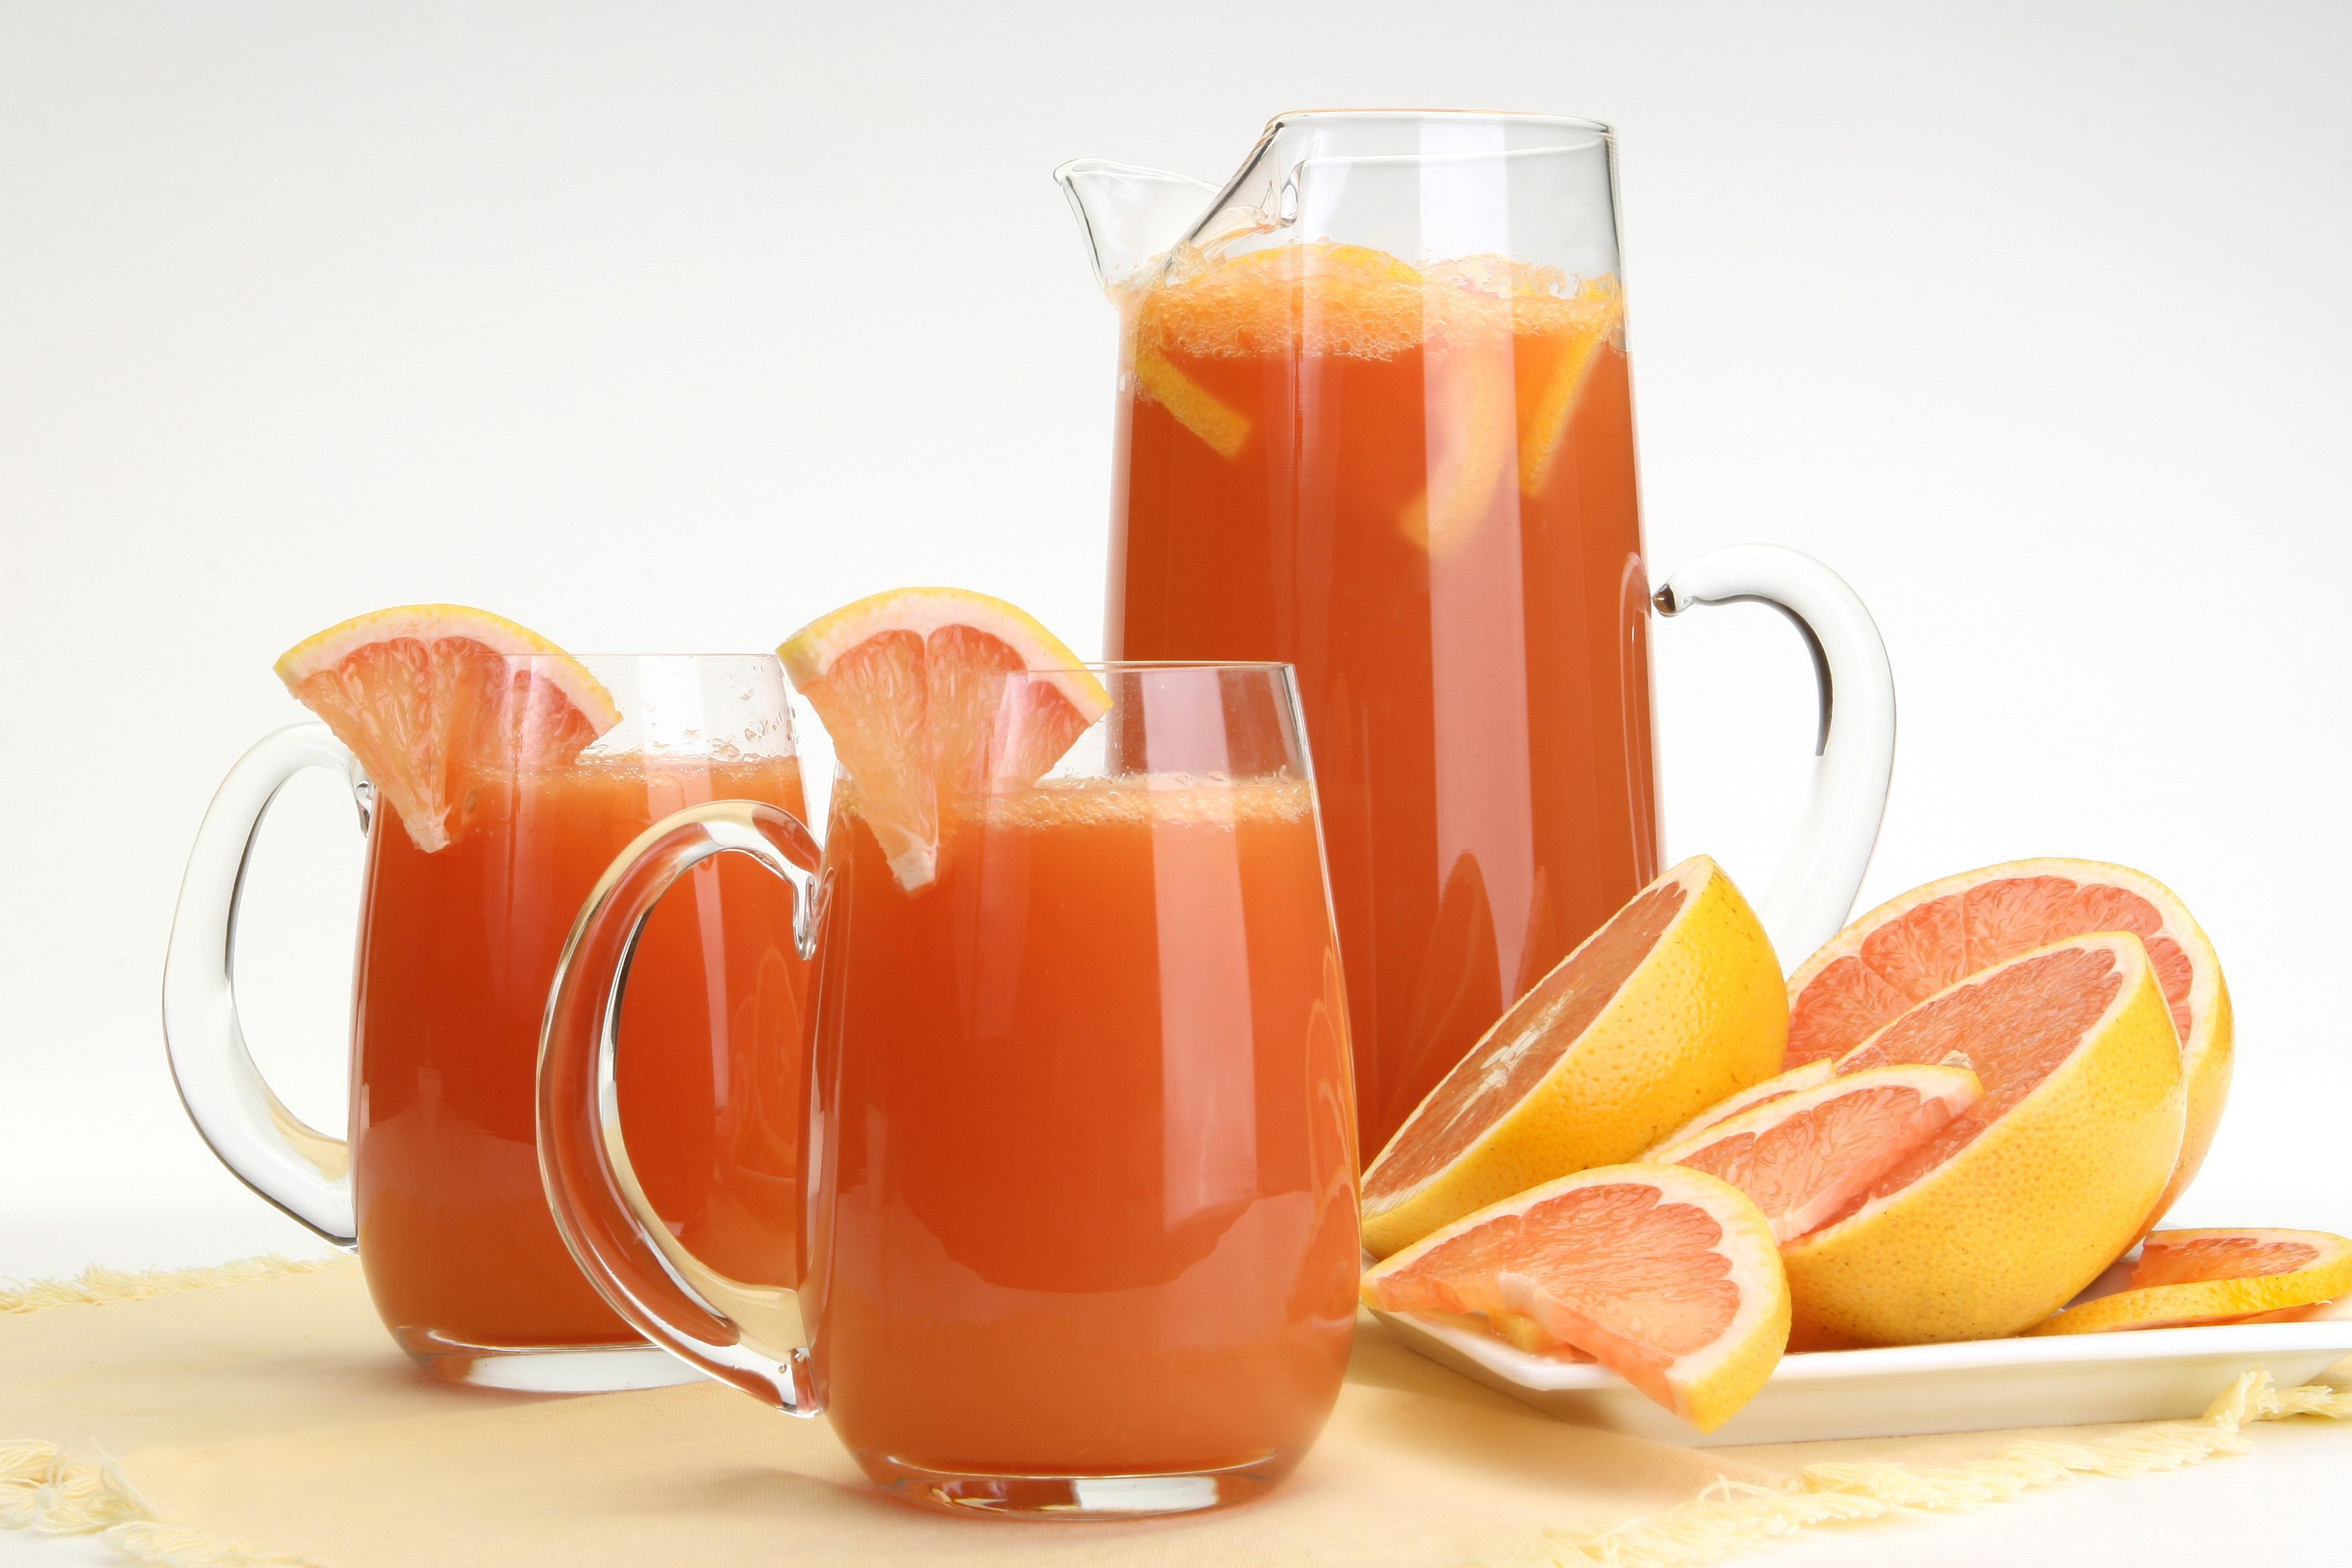 Грейпфрутовый сок усиливает действие препаратов для лечения рака